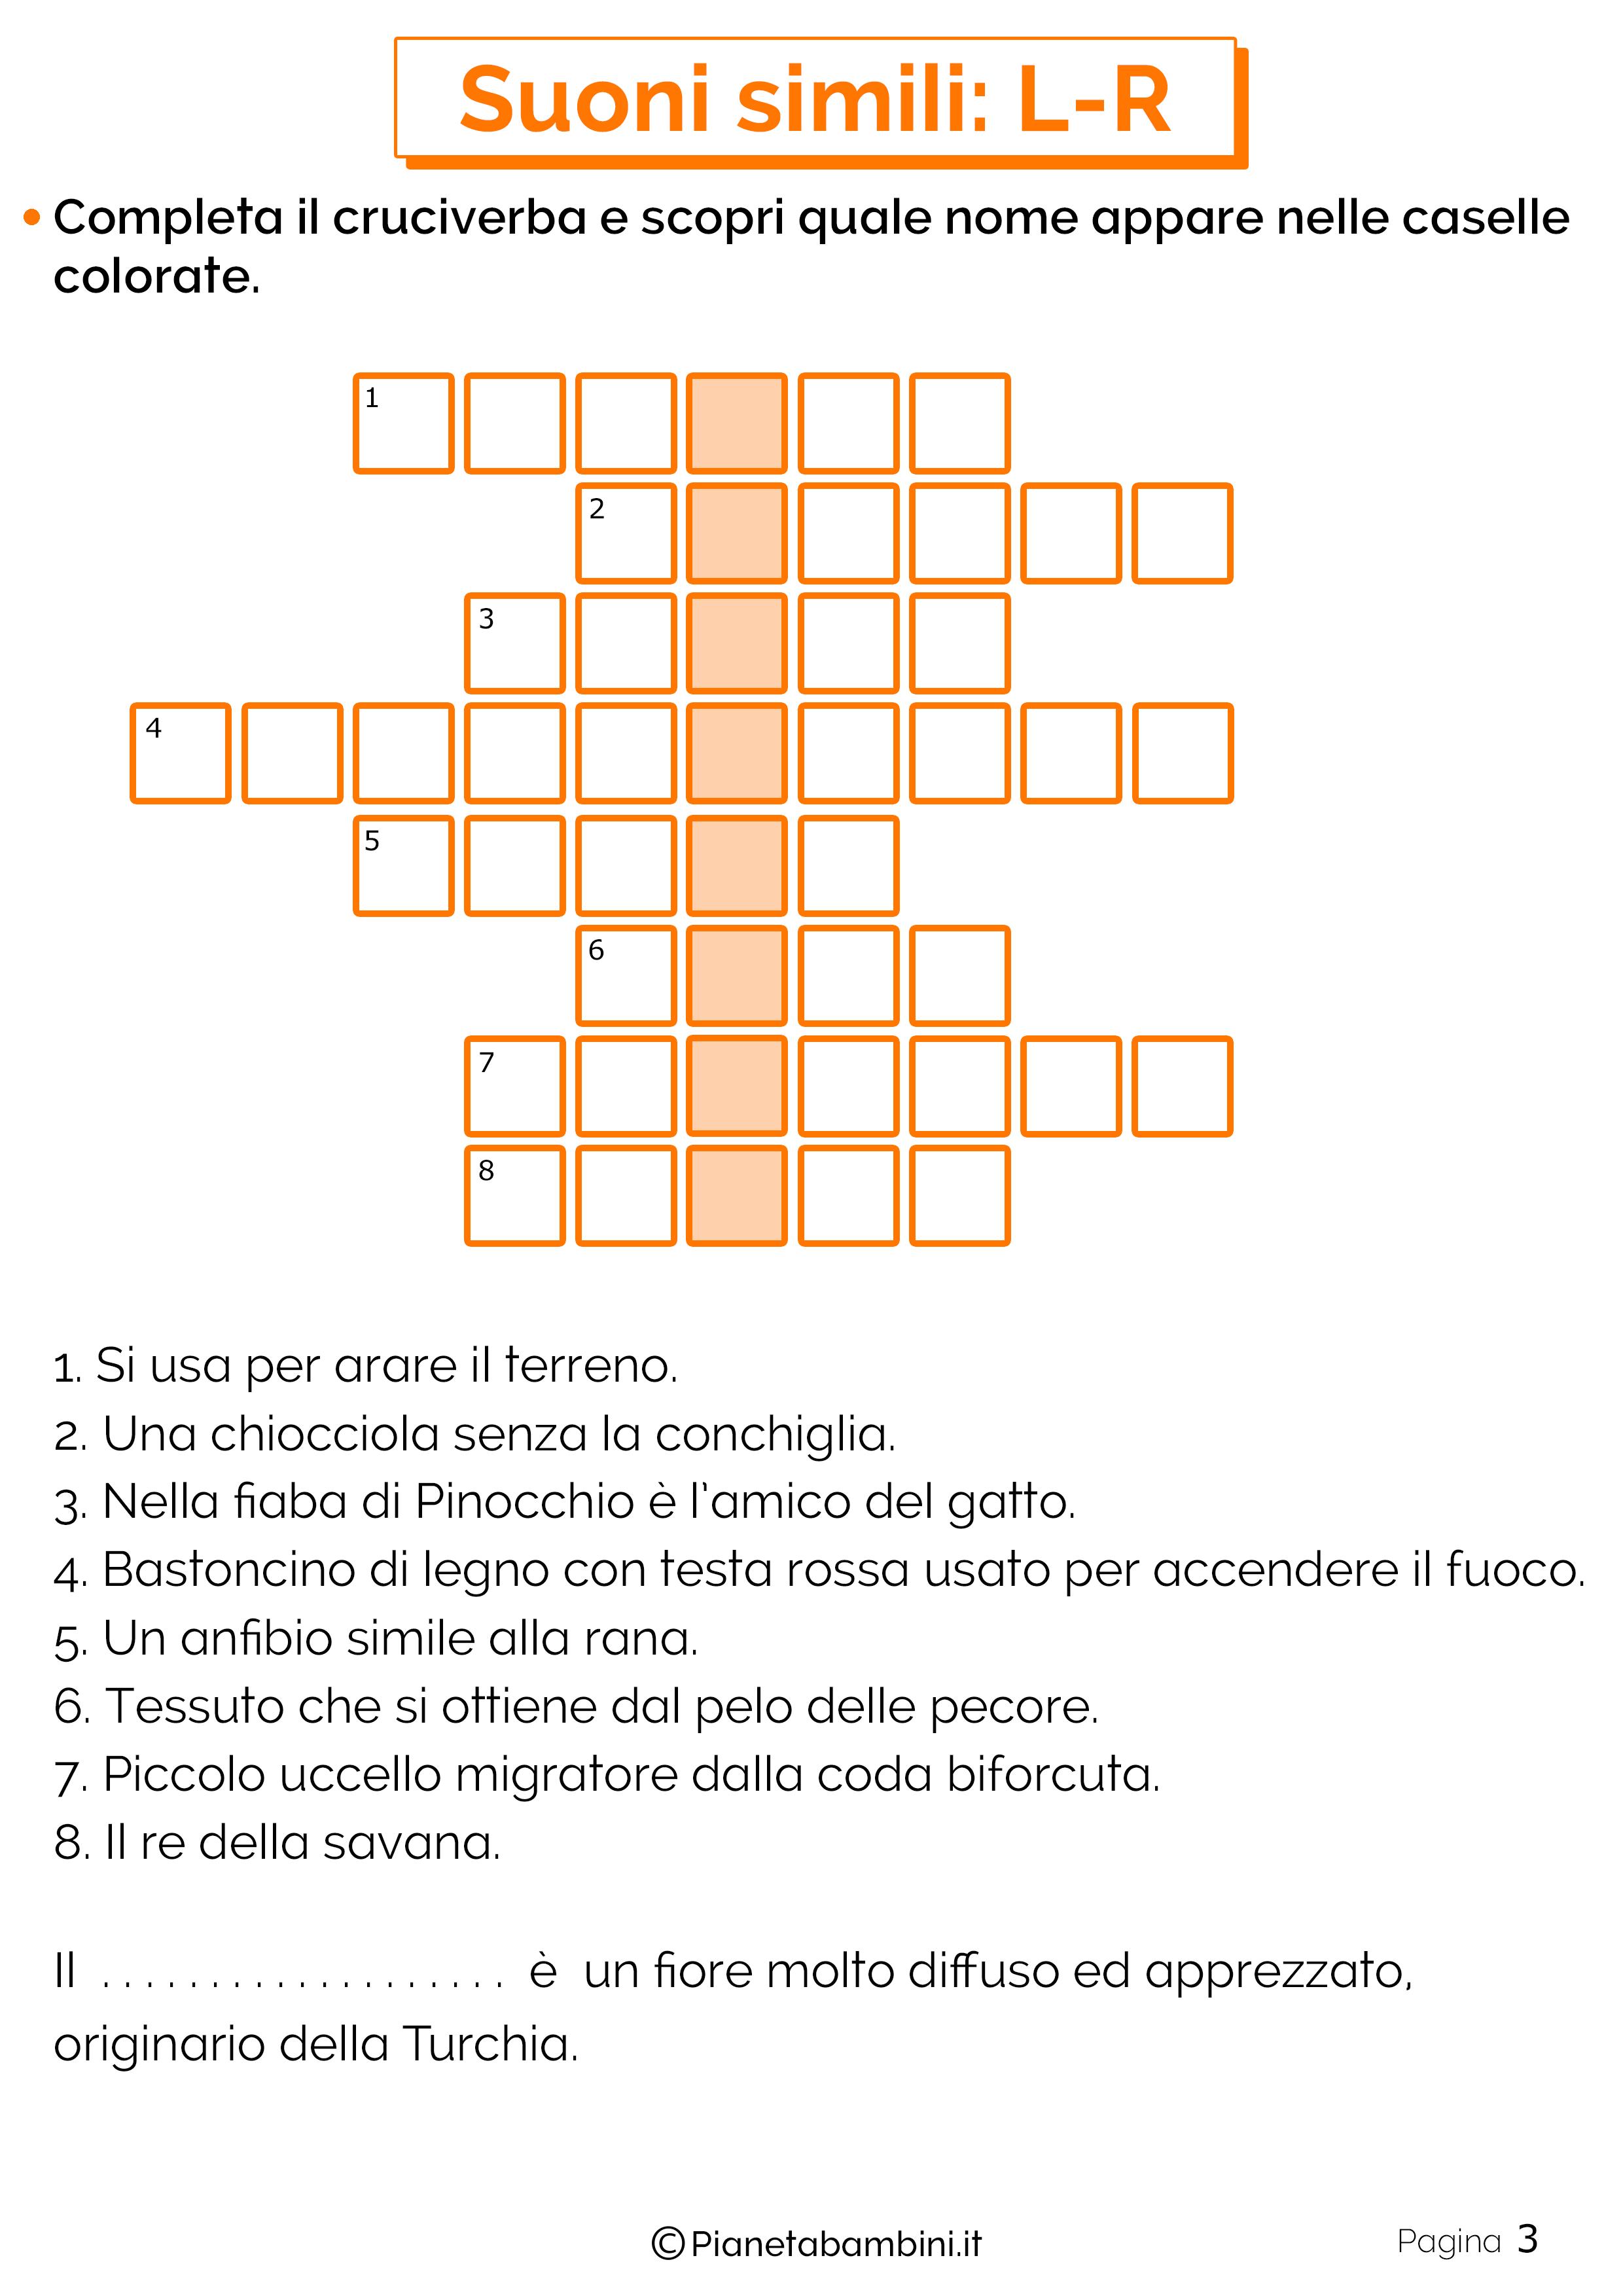 Schede didattiche sui suoni simili L o R pagina 3